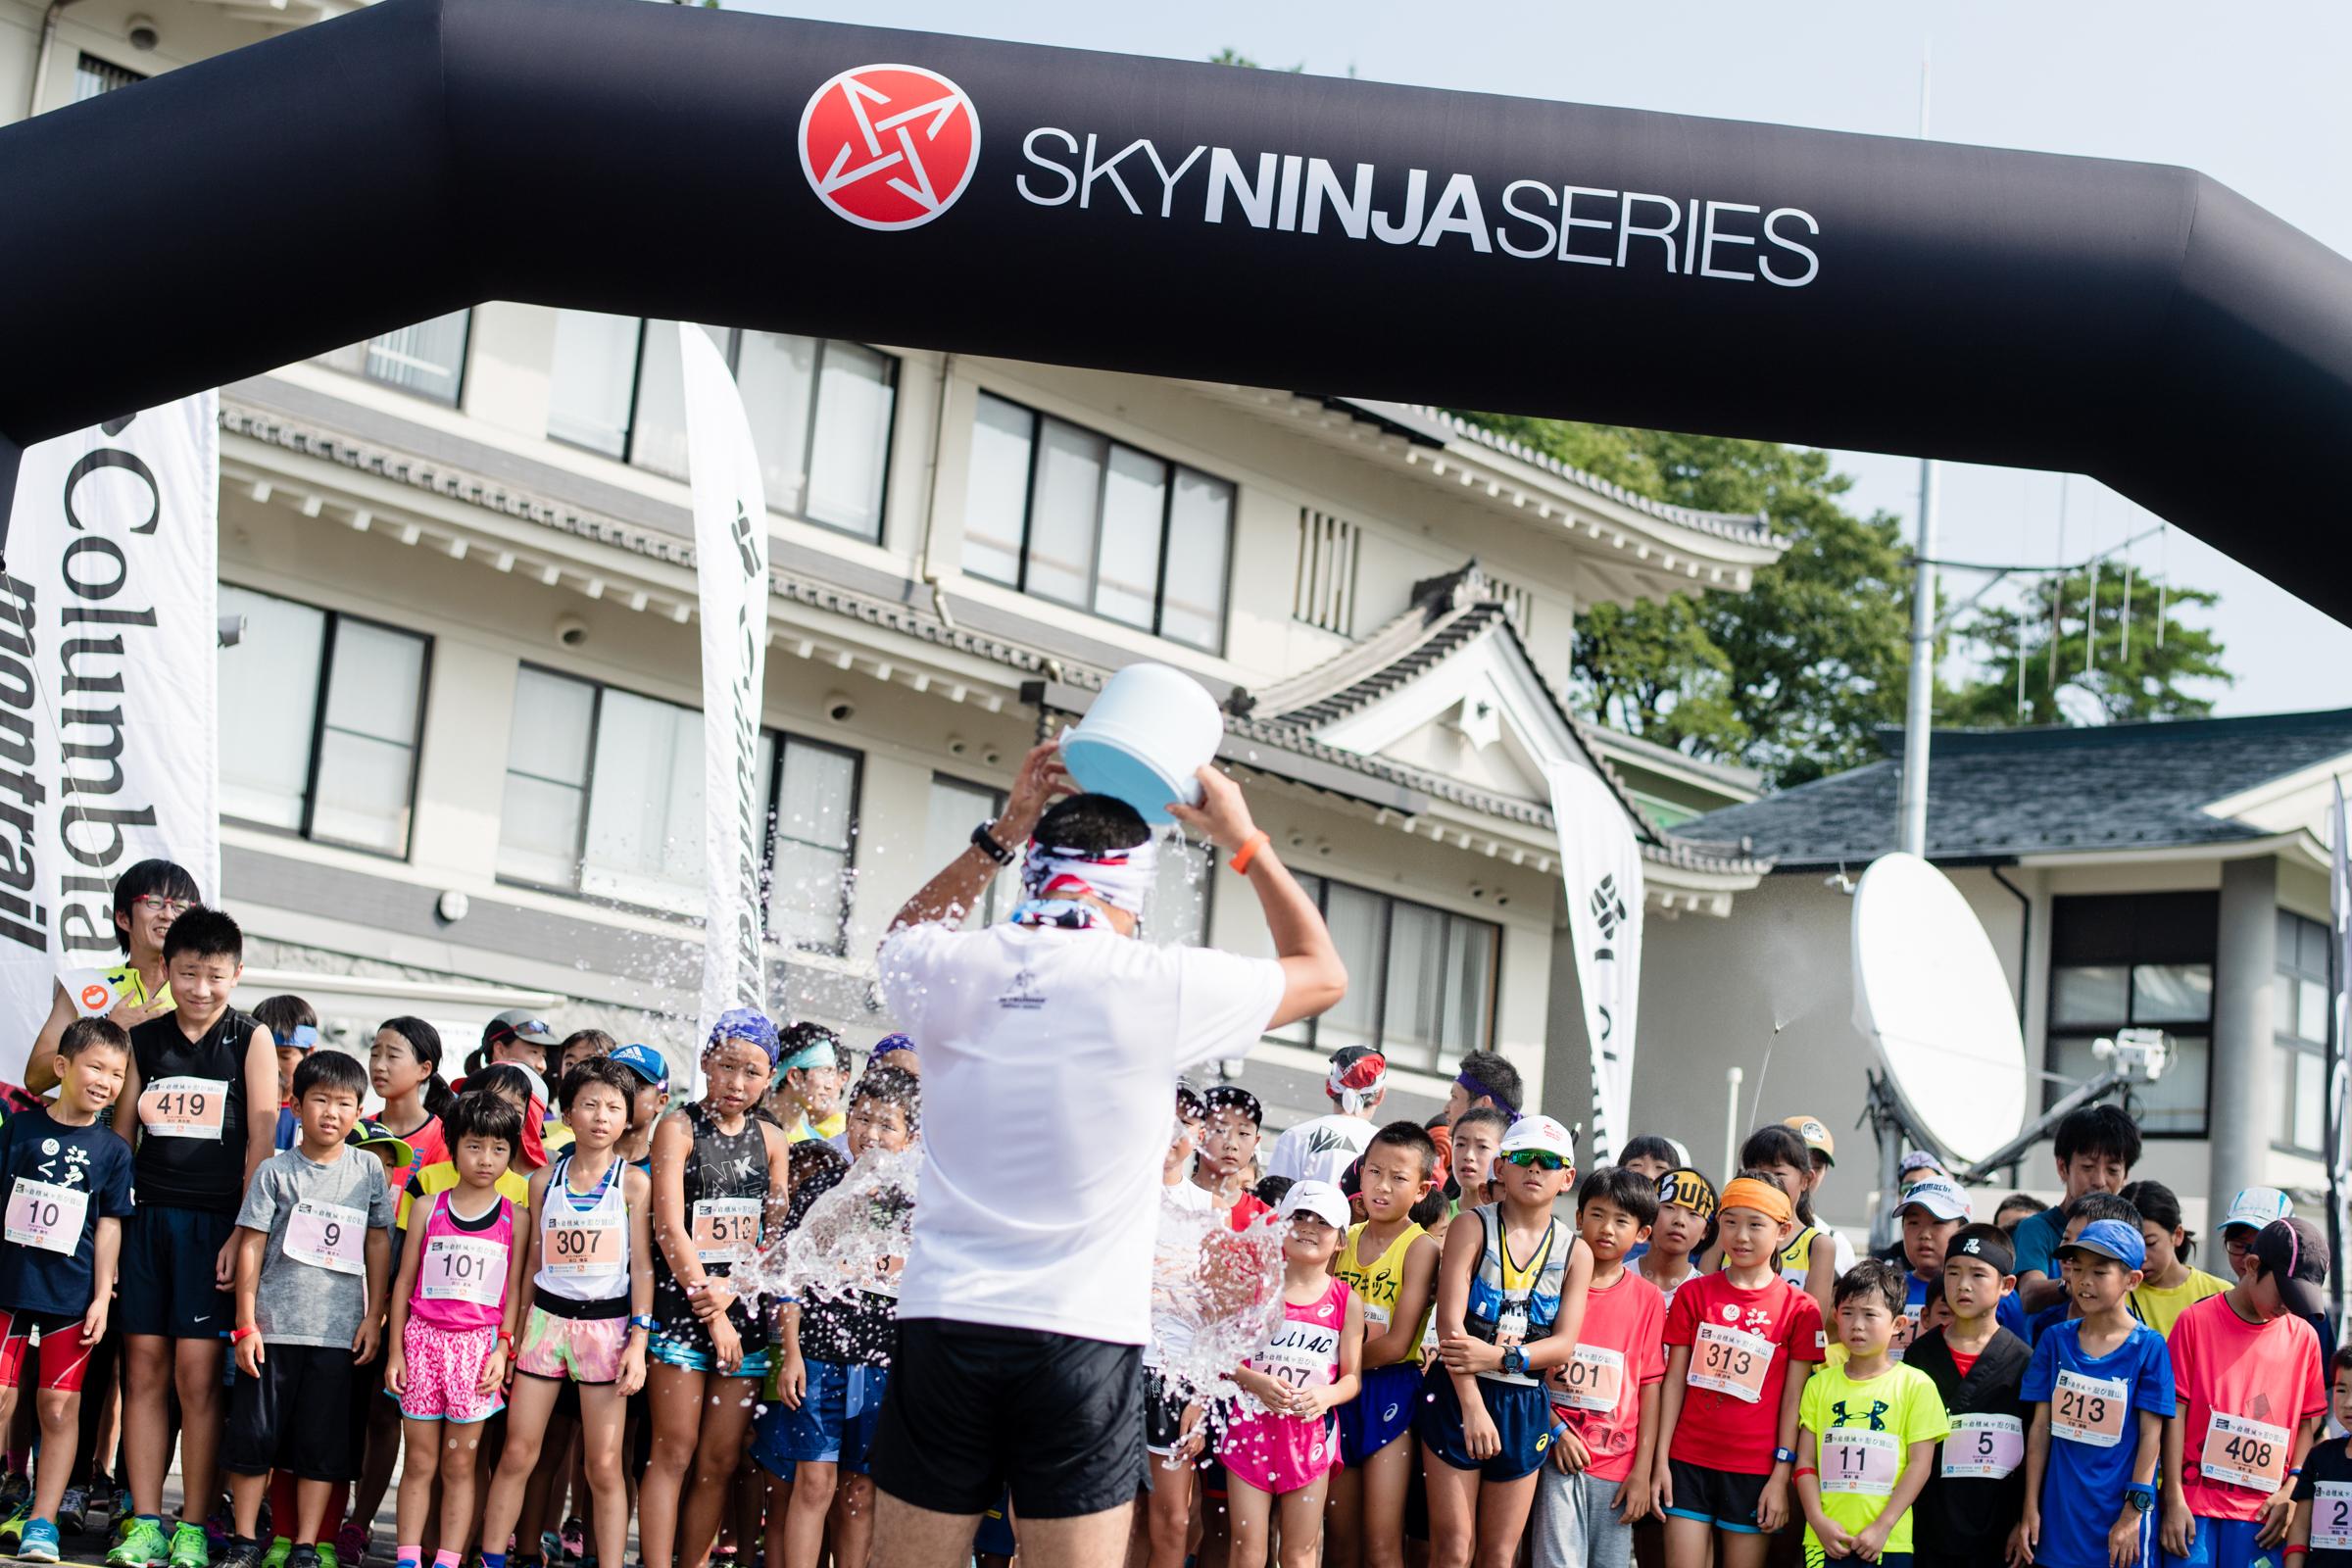 小学生から安心して参加できるスポーツ環境を共に整えていきましょう ©THE岩櫃城忍び登山